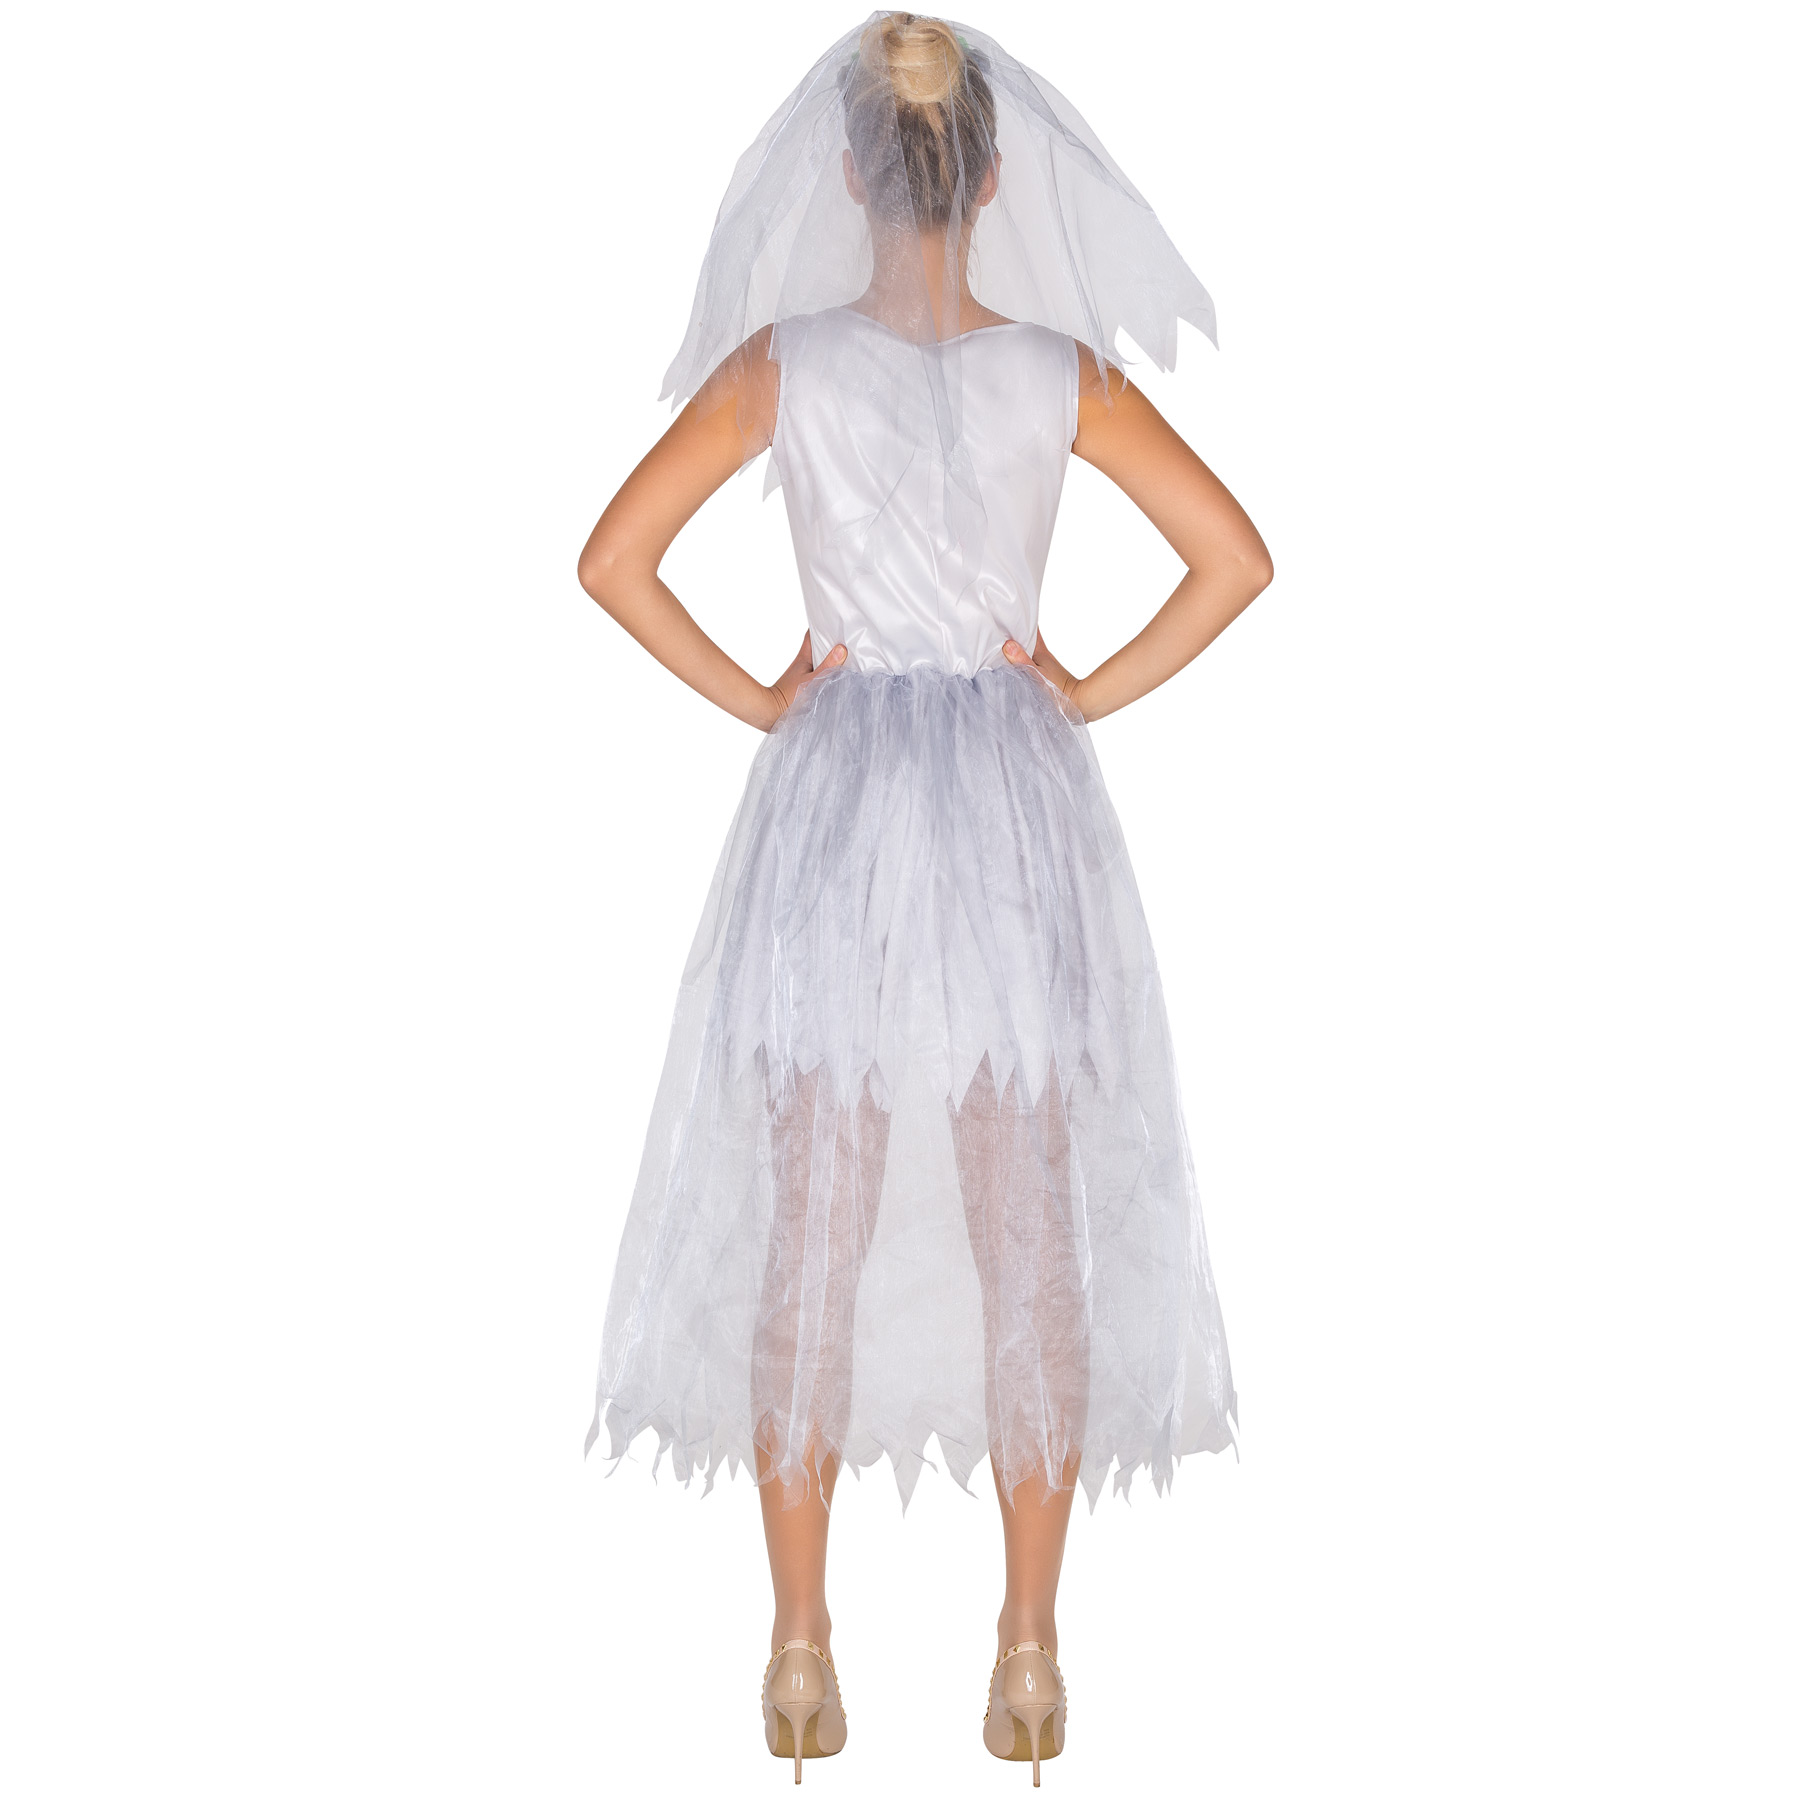 Sexy Brautkleid Skelett Kostüm Karneval Fasching Halloween Damen ...